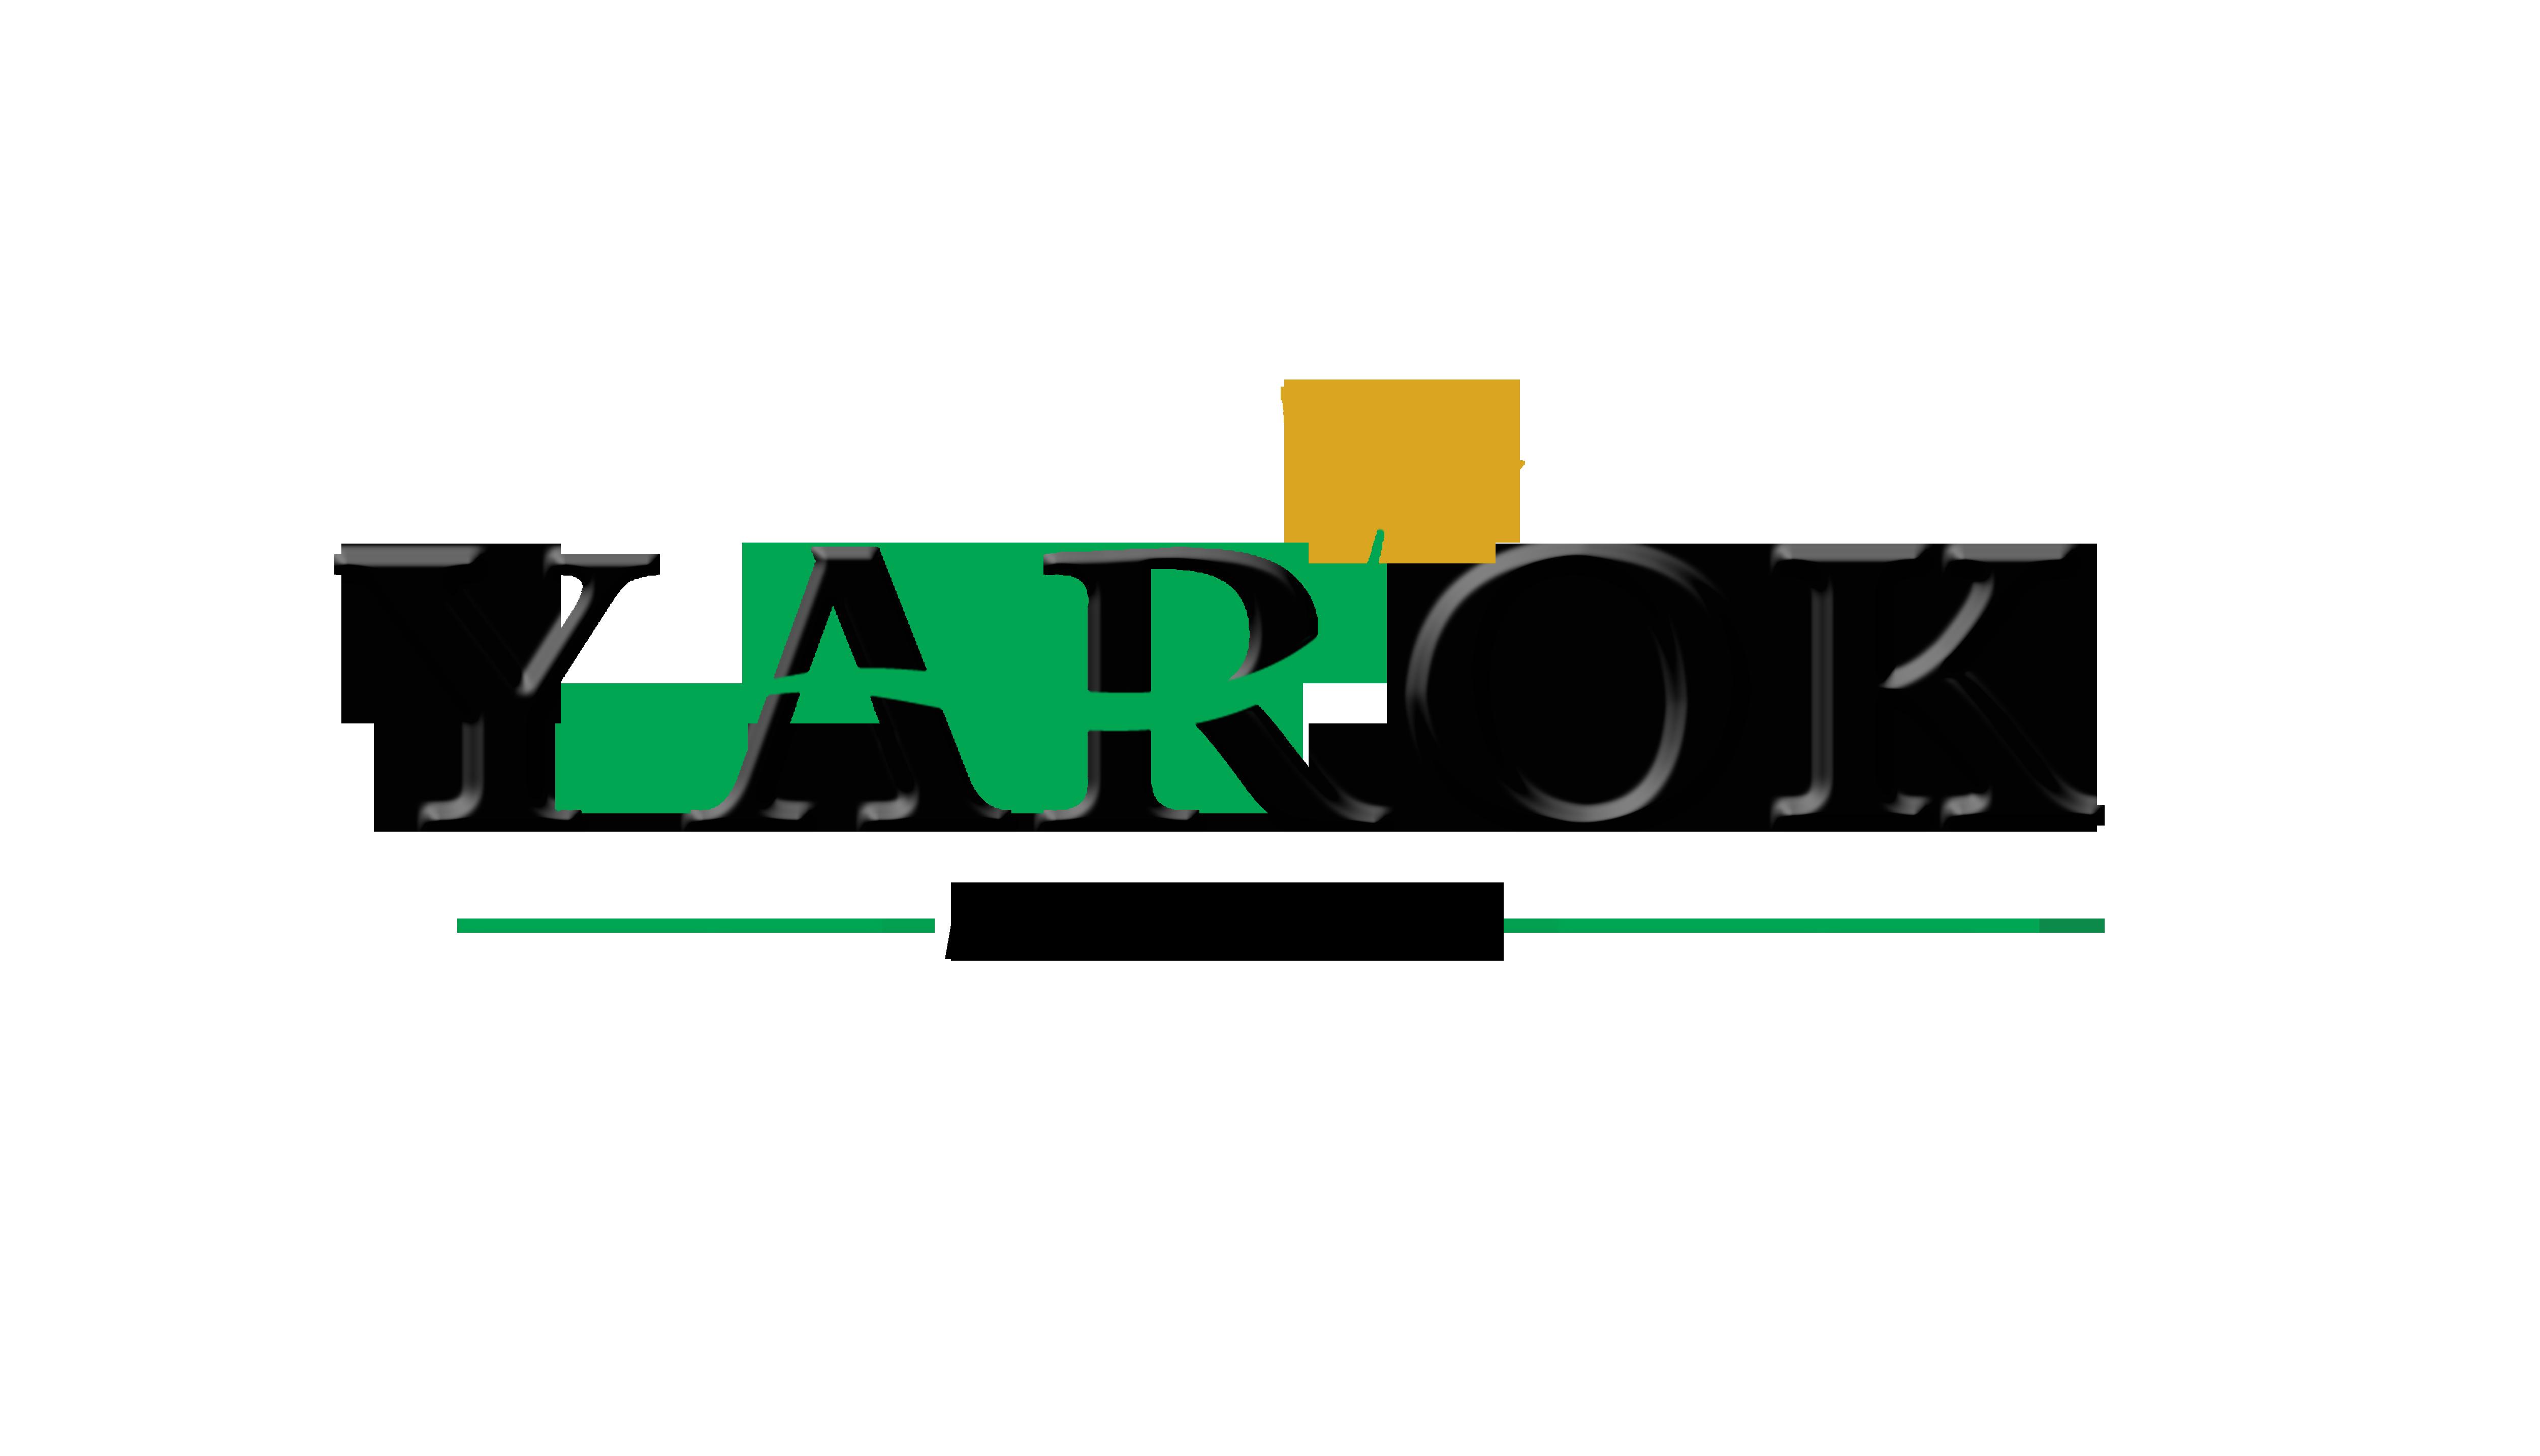 马德里美妆店YAROK